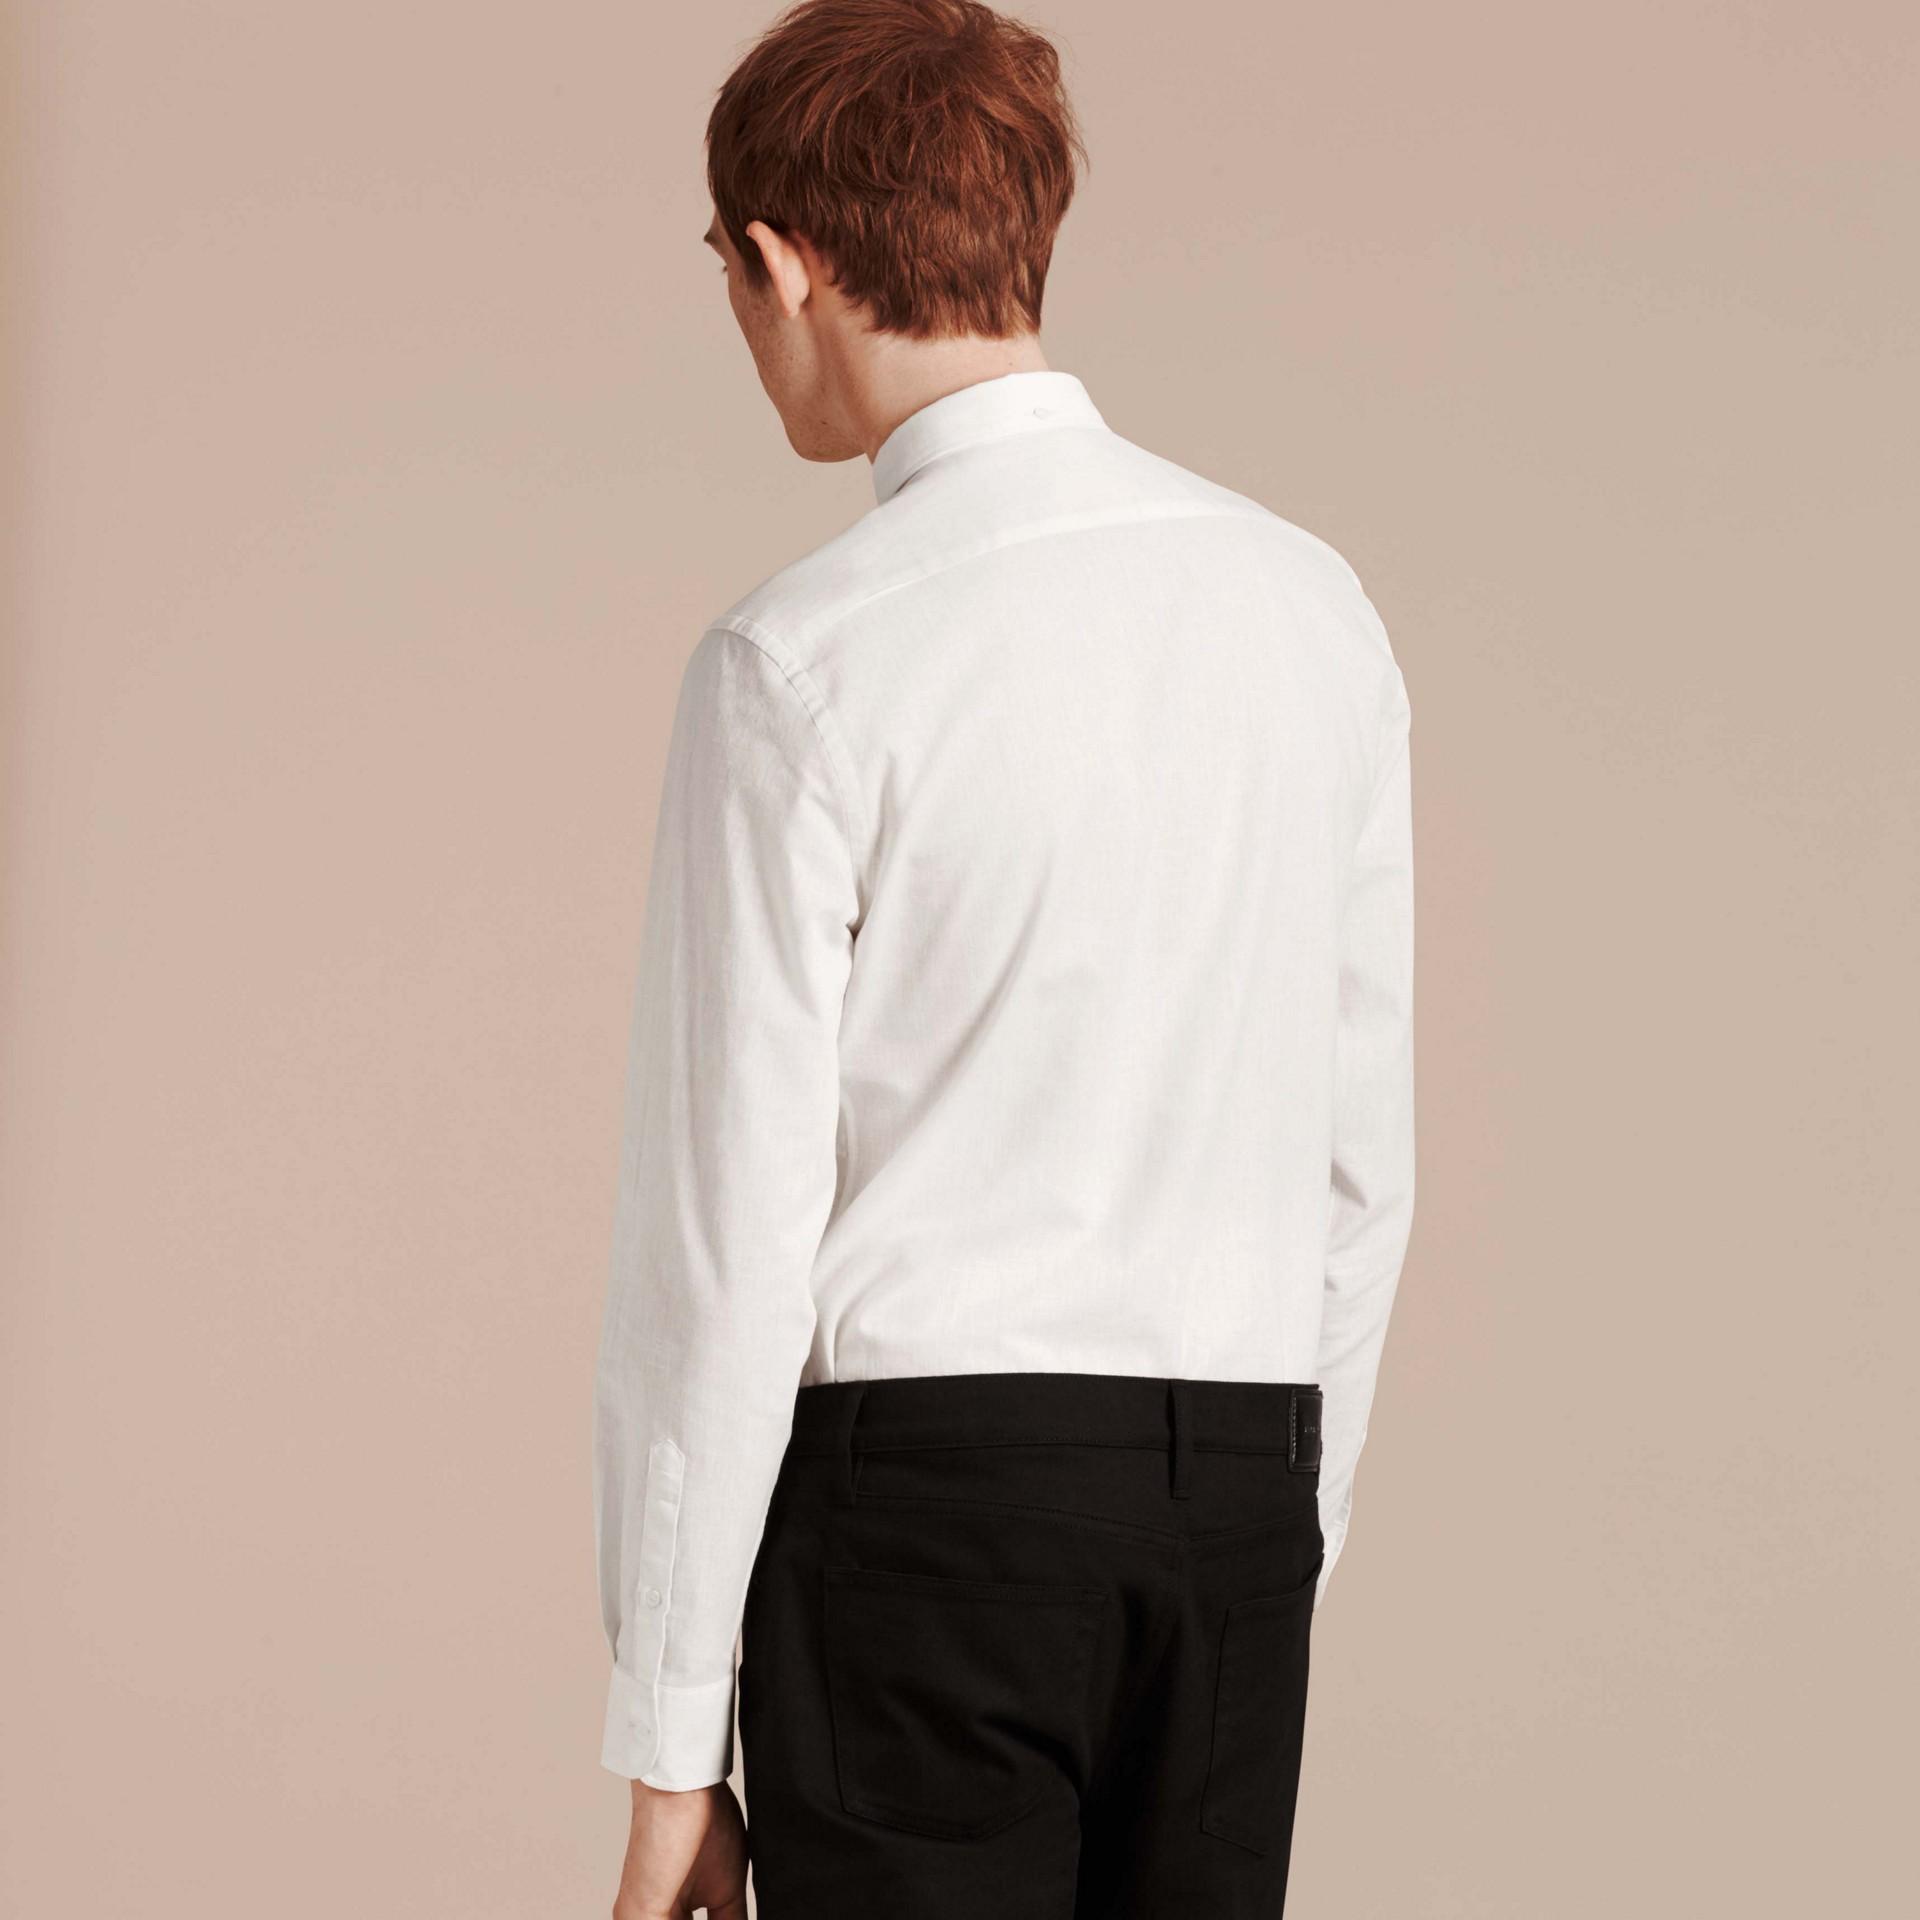 Bianco Camicia in cotone e lino con colletto button-down Bianco - immagine della galleria 2